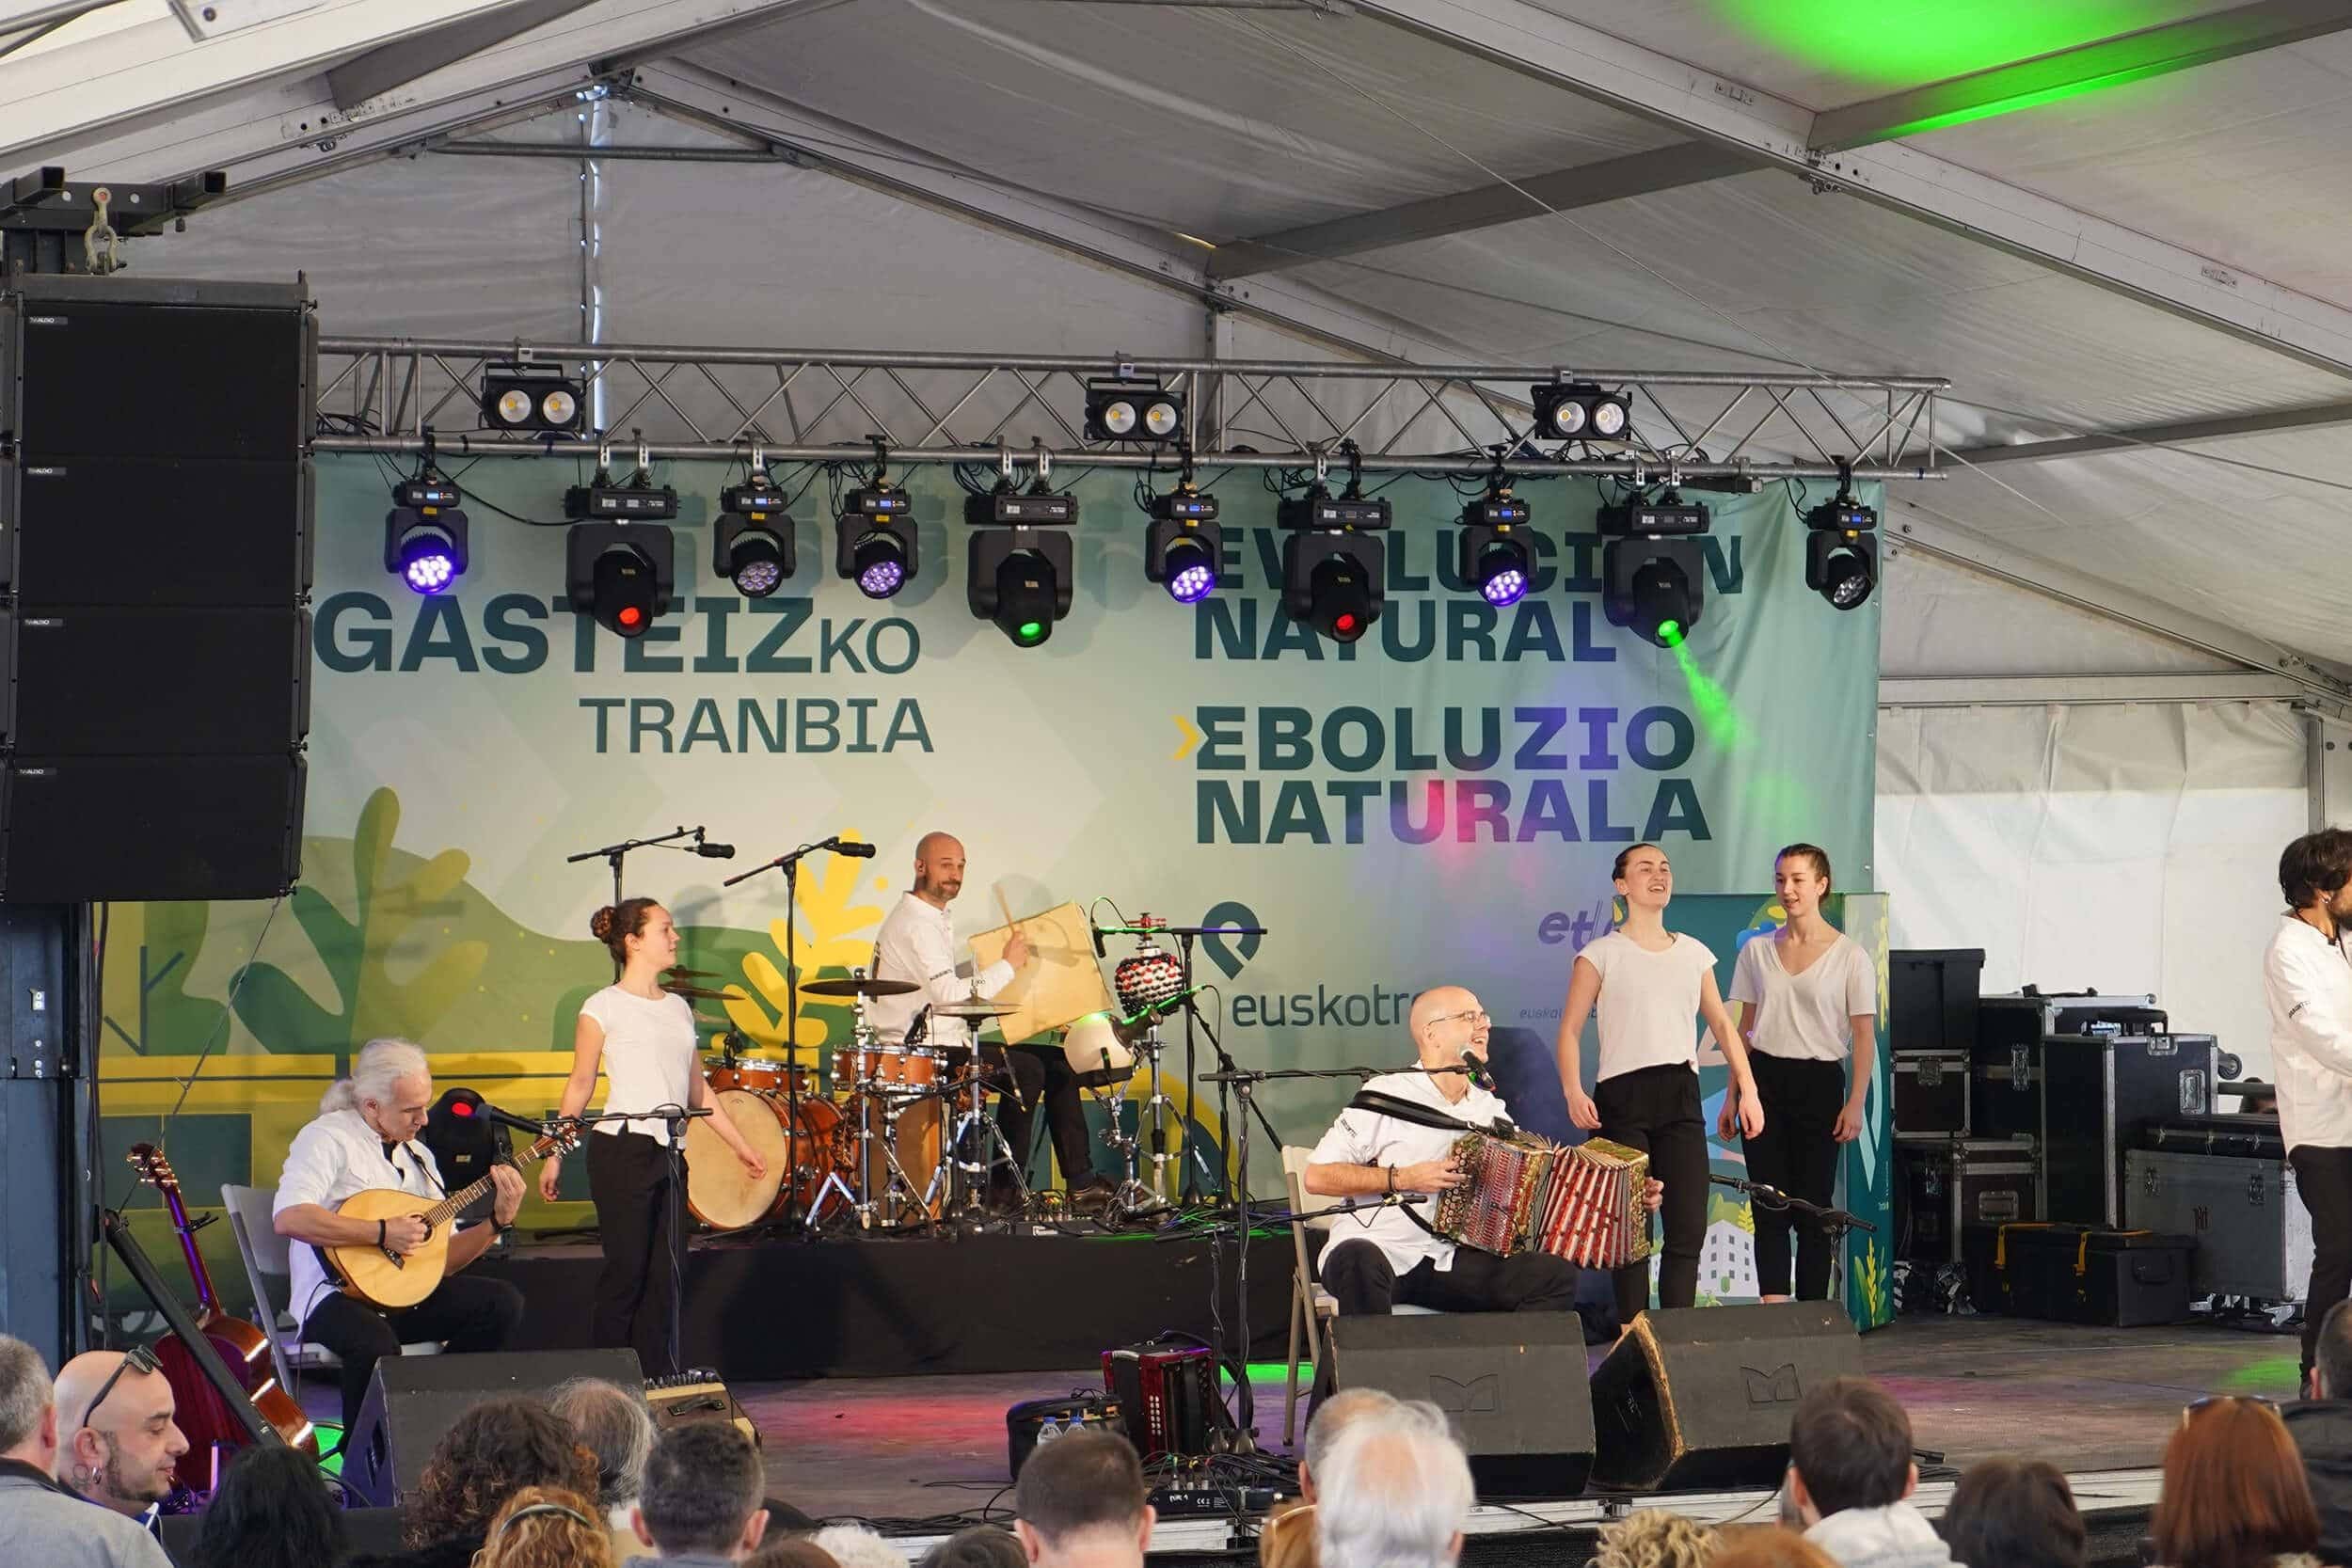 Campaña Euskotren inauguración tranvía sur Vitoria - Gasteiz